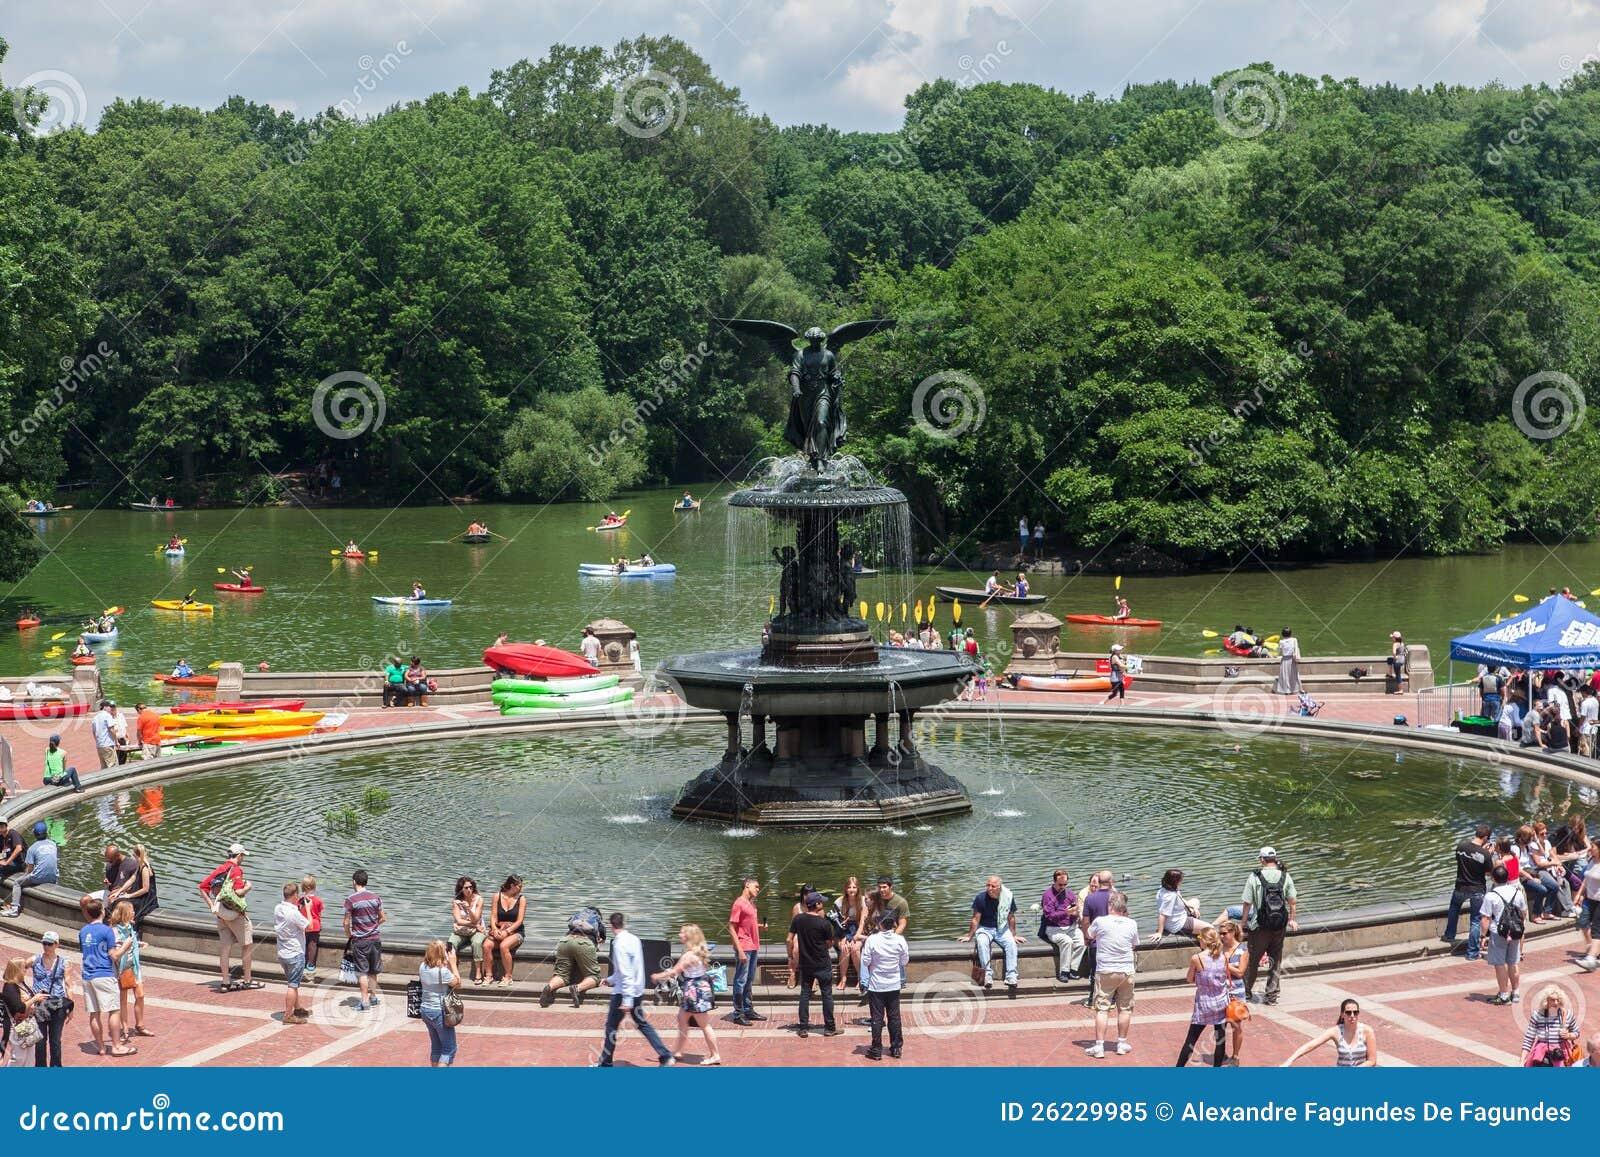 Fontaine new york city de bethesda image ditorial image for Piscine de bethesda